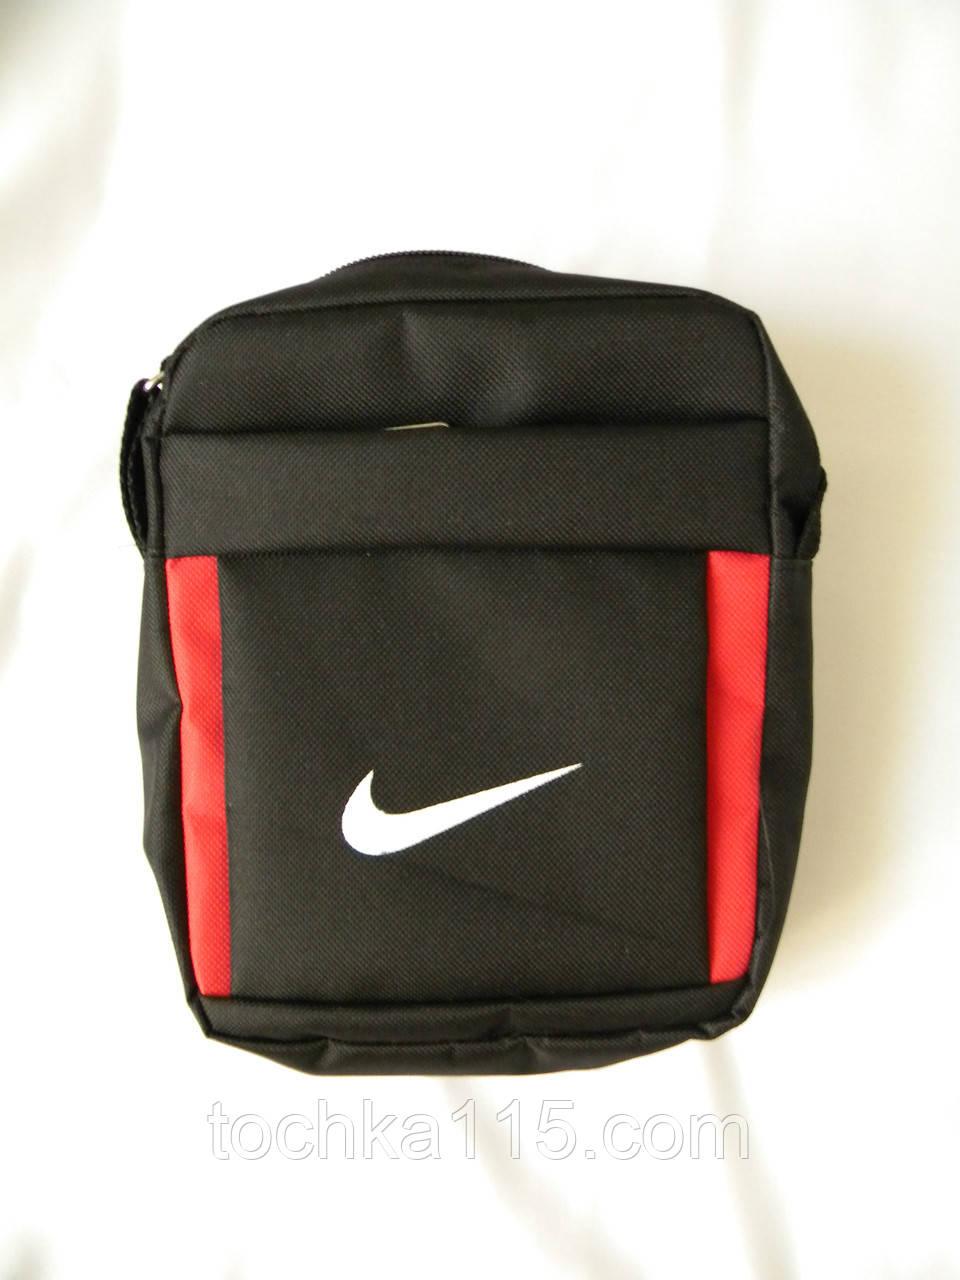 812463f9cd95 Мужская сумка через плече Nike, чоловiчi сумки Найк, молодежная сумка через  плече, сумка